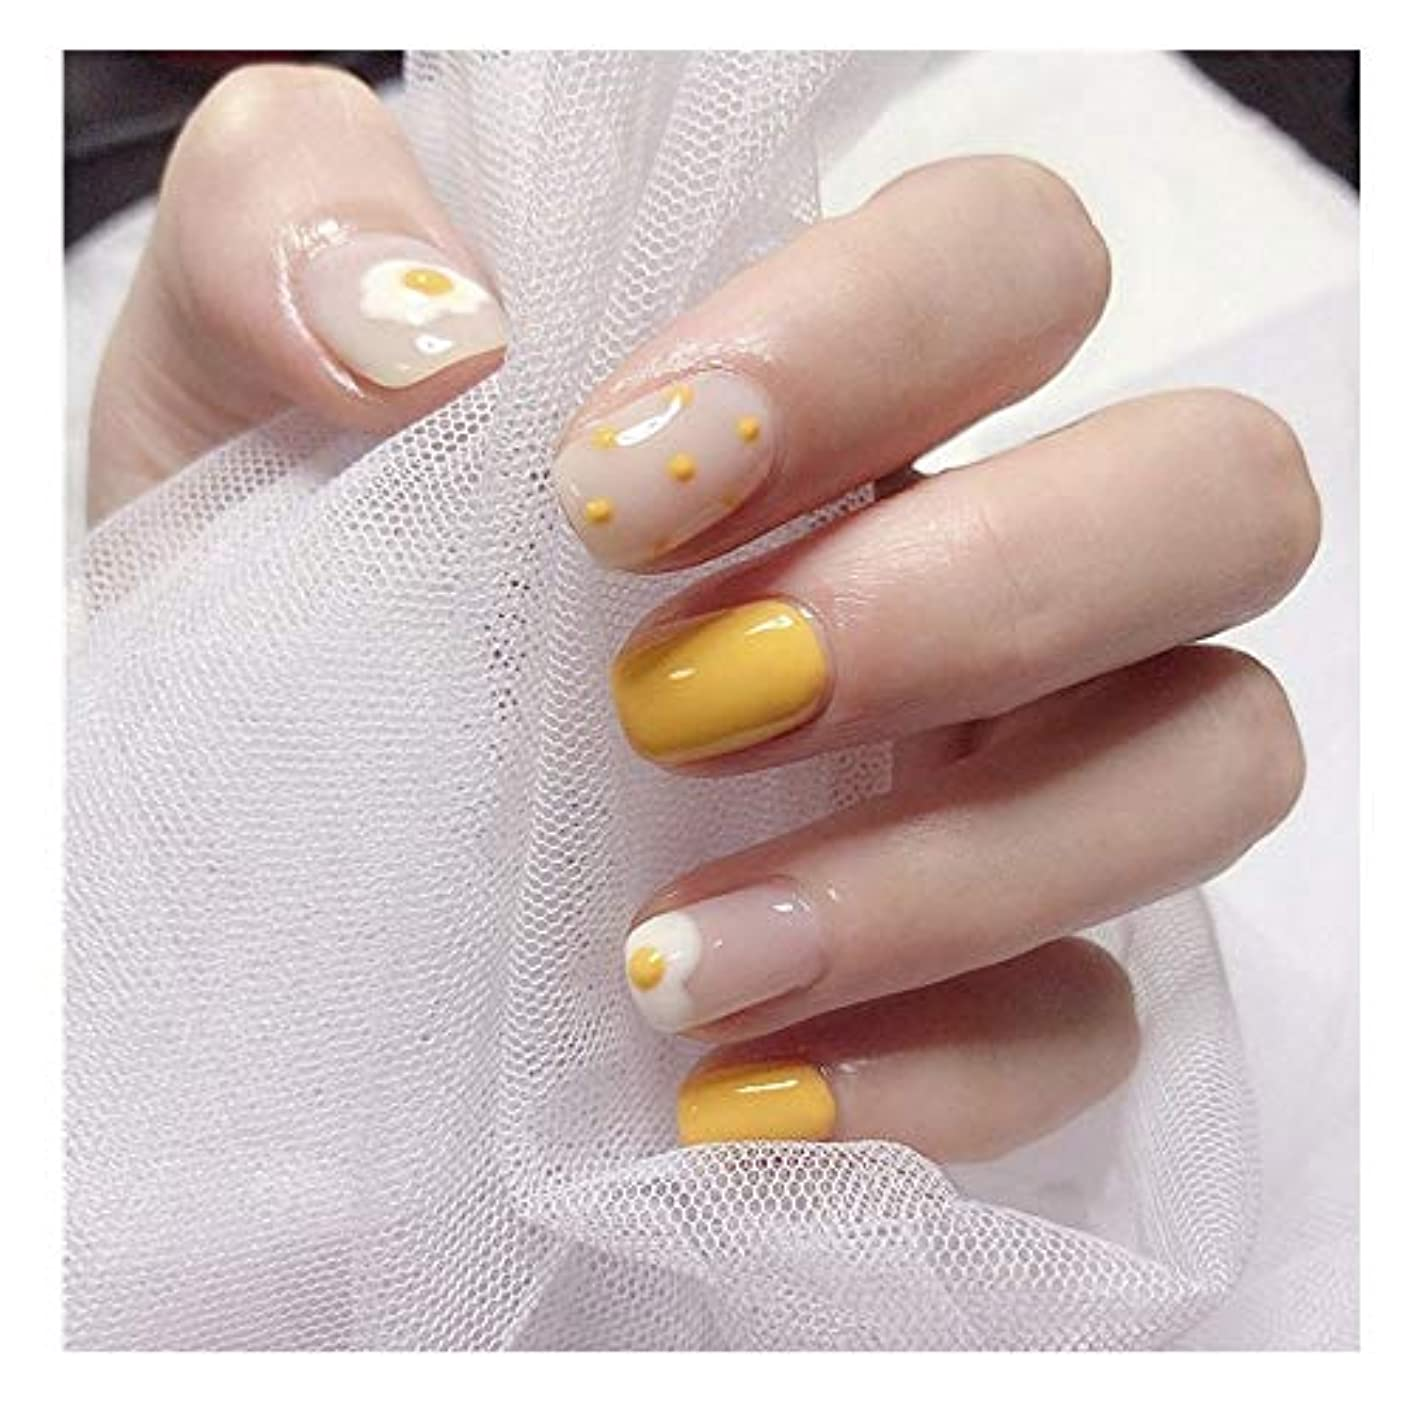 関数有効なピューYESONEEP 黄色の卵偽の釘のショートスクエアネイルグルー完成ネイルアートフェイクネイルズ (色 : 24 pieces)